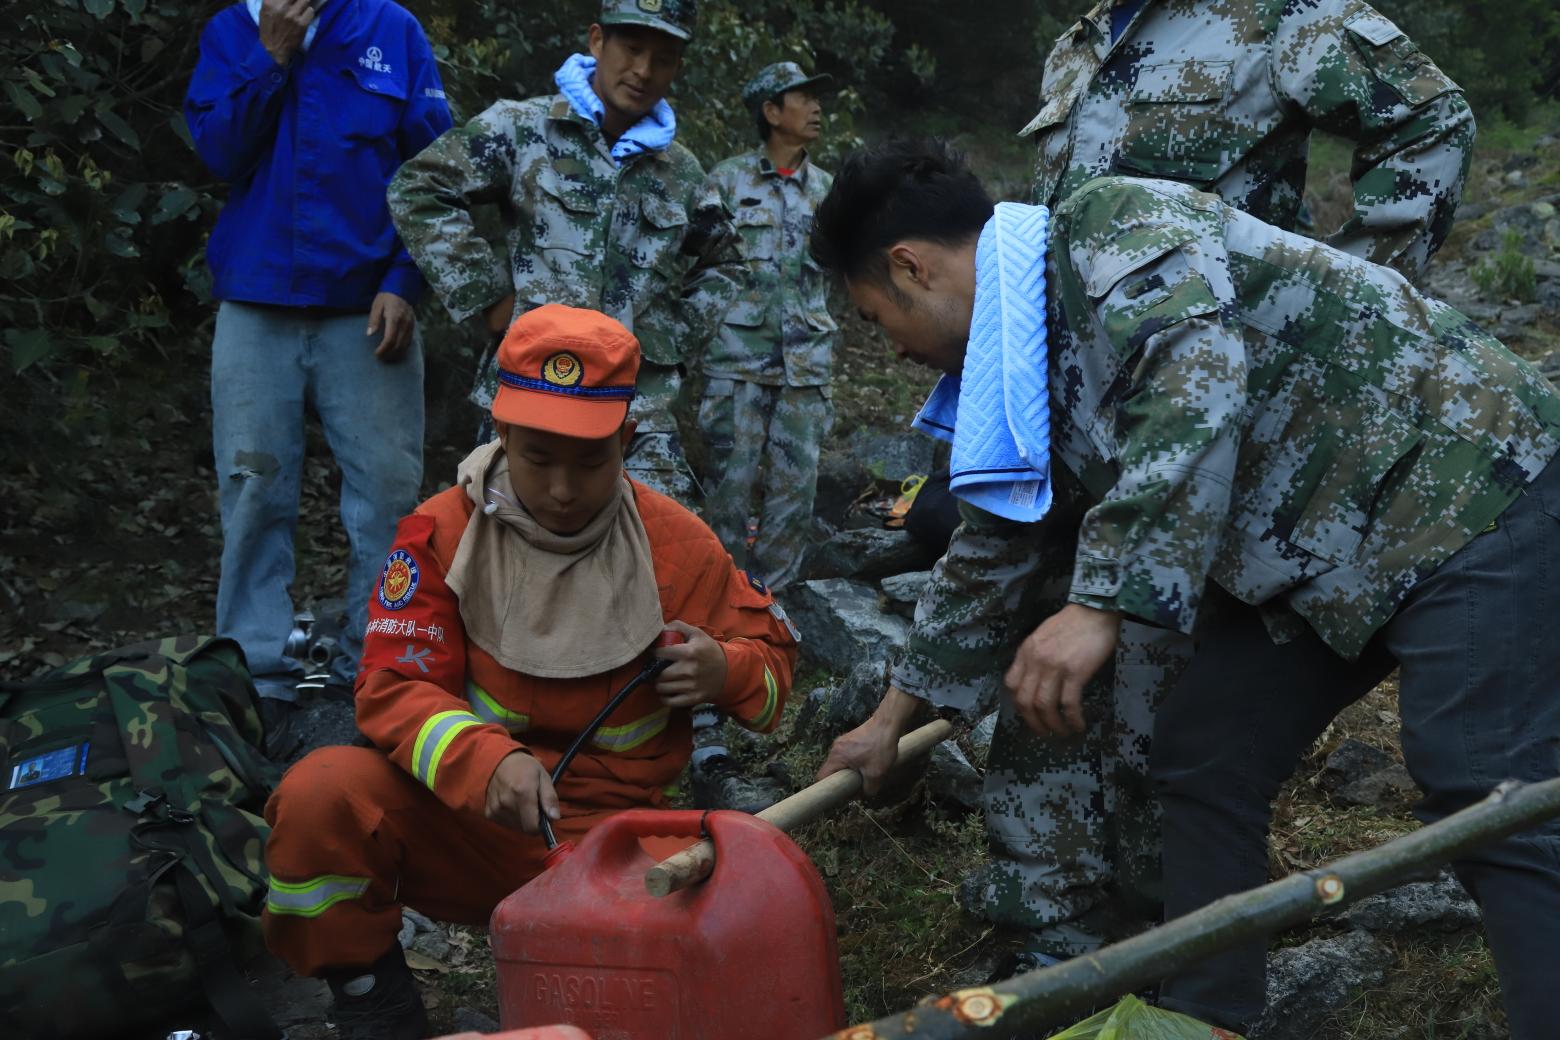 冕宁县泸沽镇的民兵帮着将油料送到山顶。